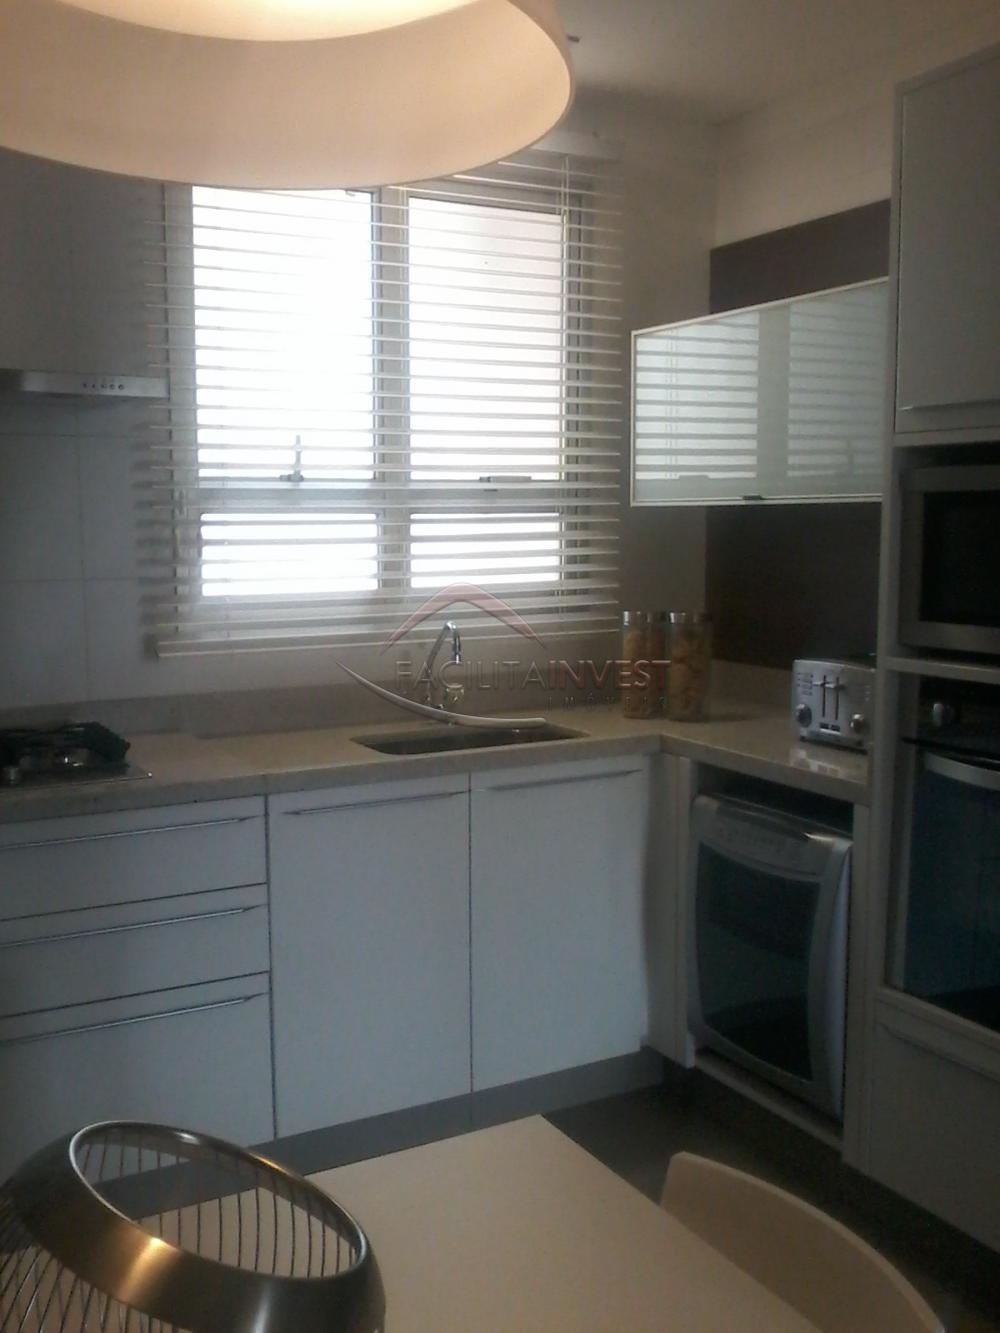 Comprar Apartamentos / Apart. Padrão em Ribeirão Preto apenas R$ 716.732,70 - Foto 8